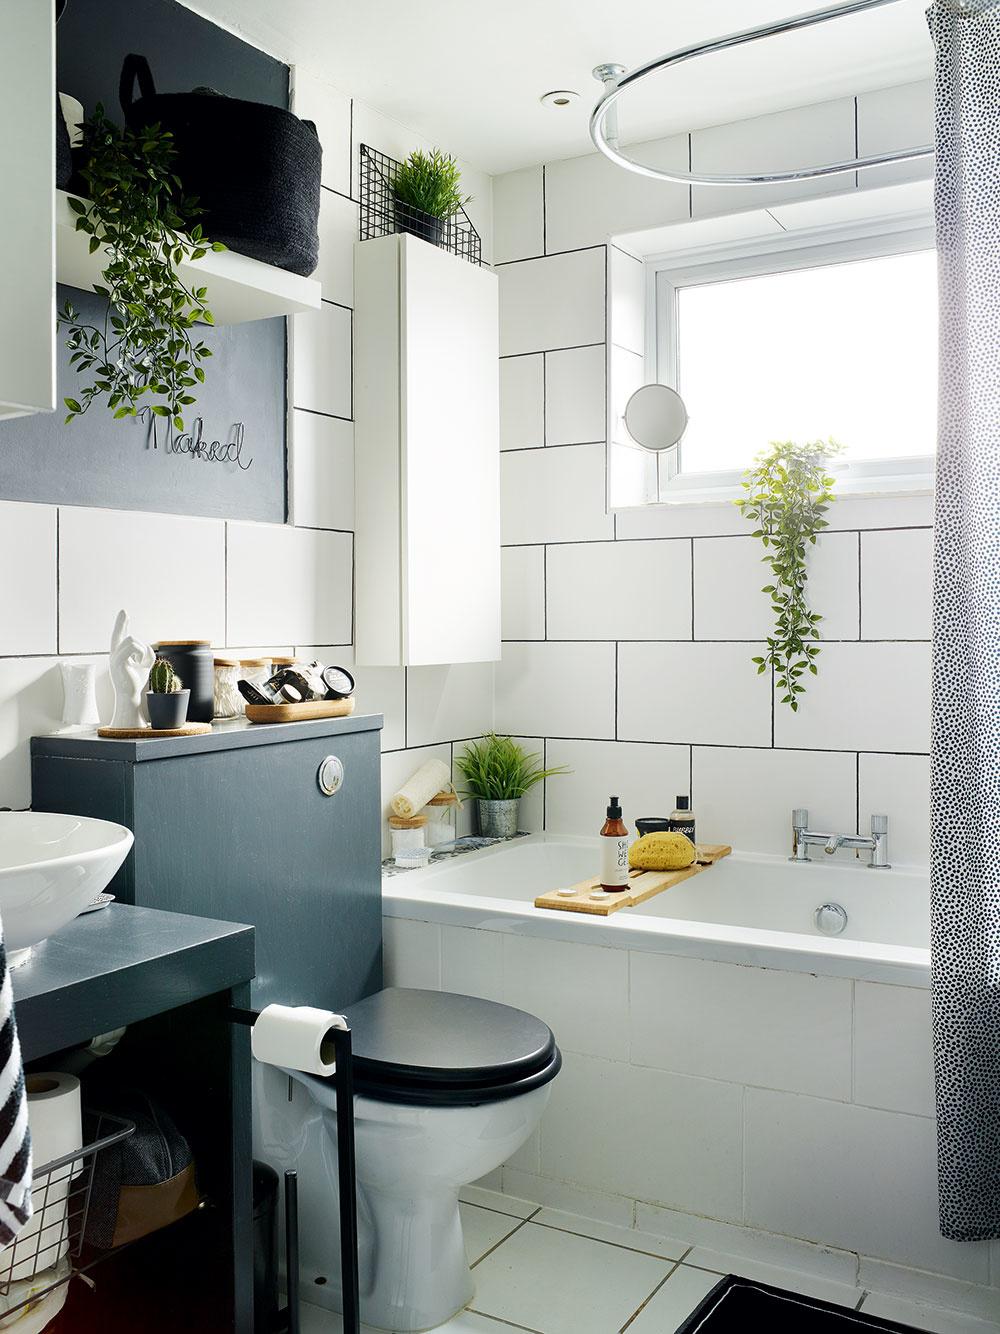 Kúpeľňu ešte čaká kompletná renovácia. Na nejaký čas sa majitelia zmierili s menšími úpravami - tmavosivou farbou a doplnkami, ktorými ju zladili so zvyškom domu.